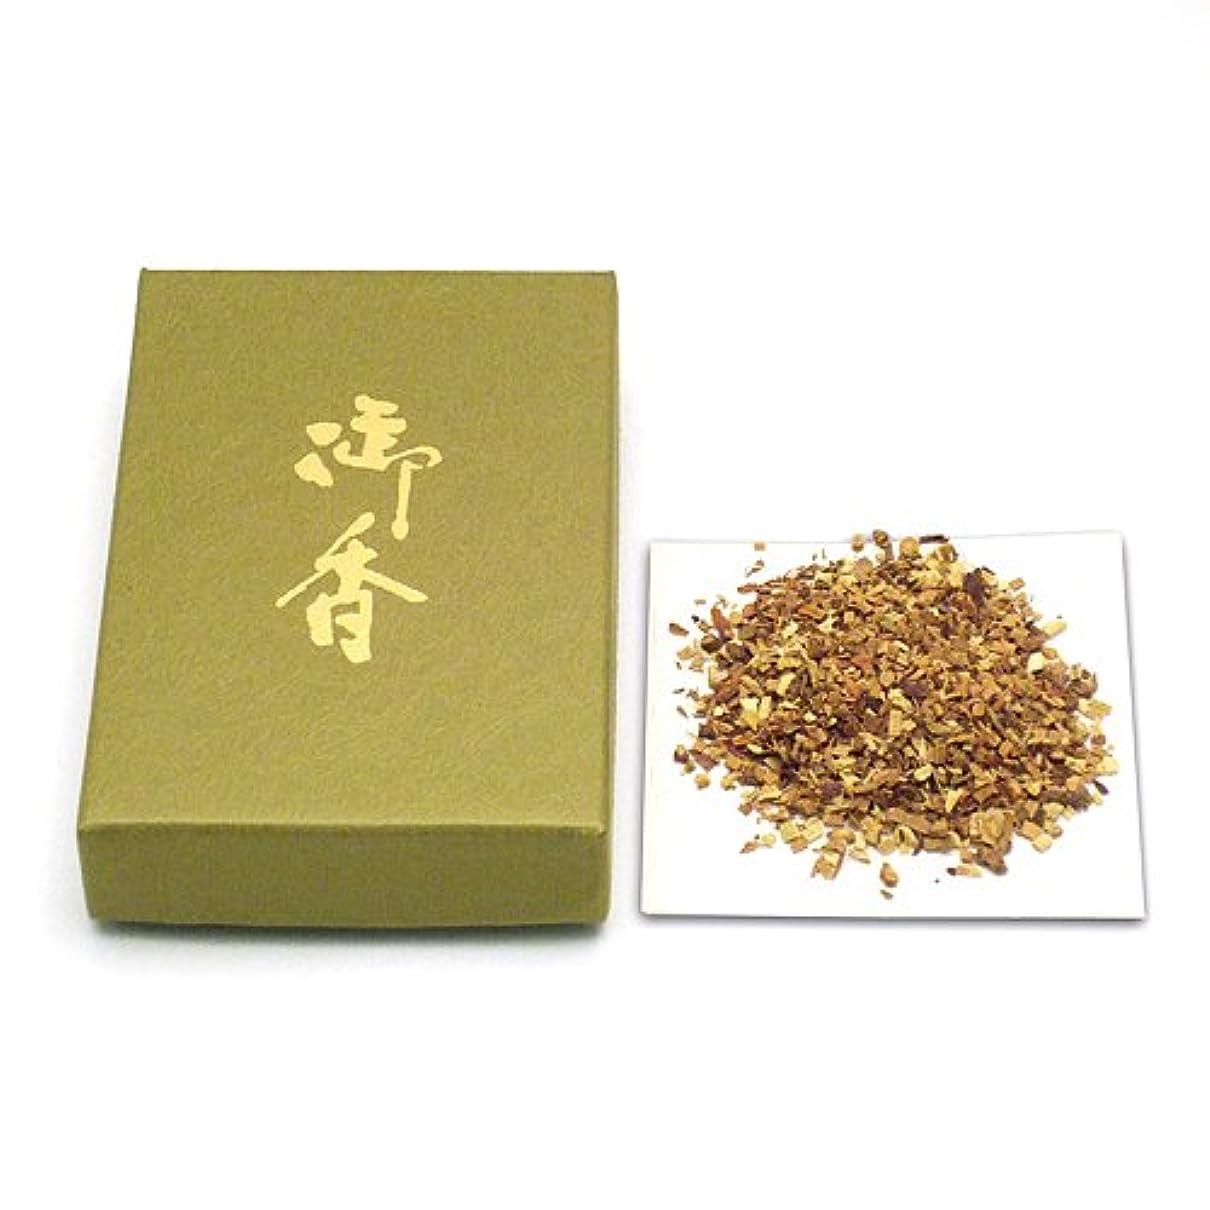 スイッチステートメント悪の焼香用御香 好薫印 25g◆お焼香用の御香